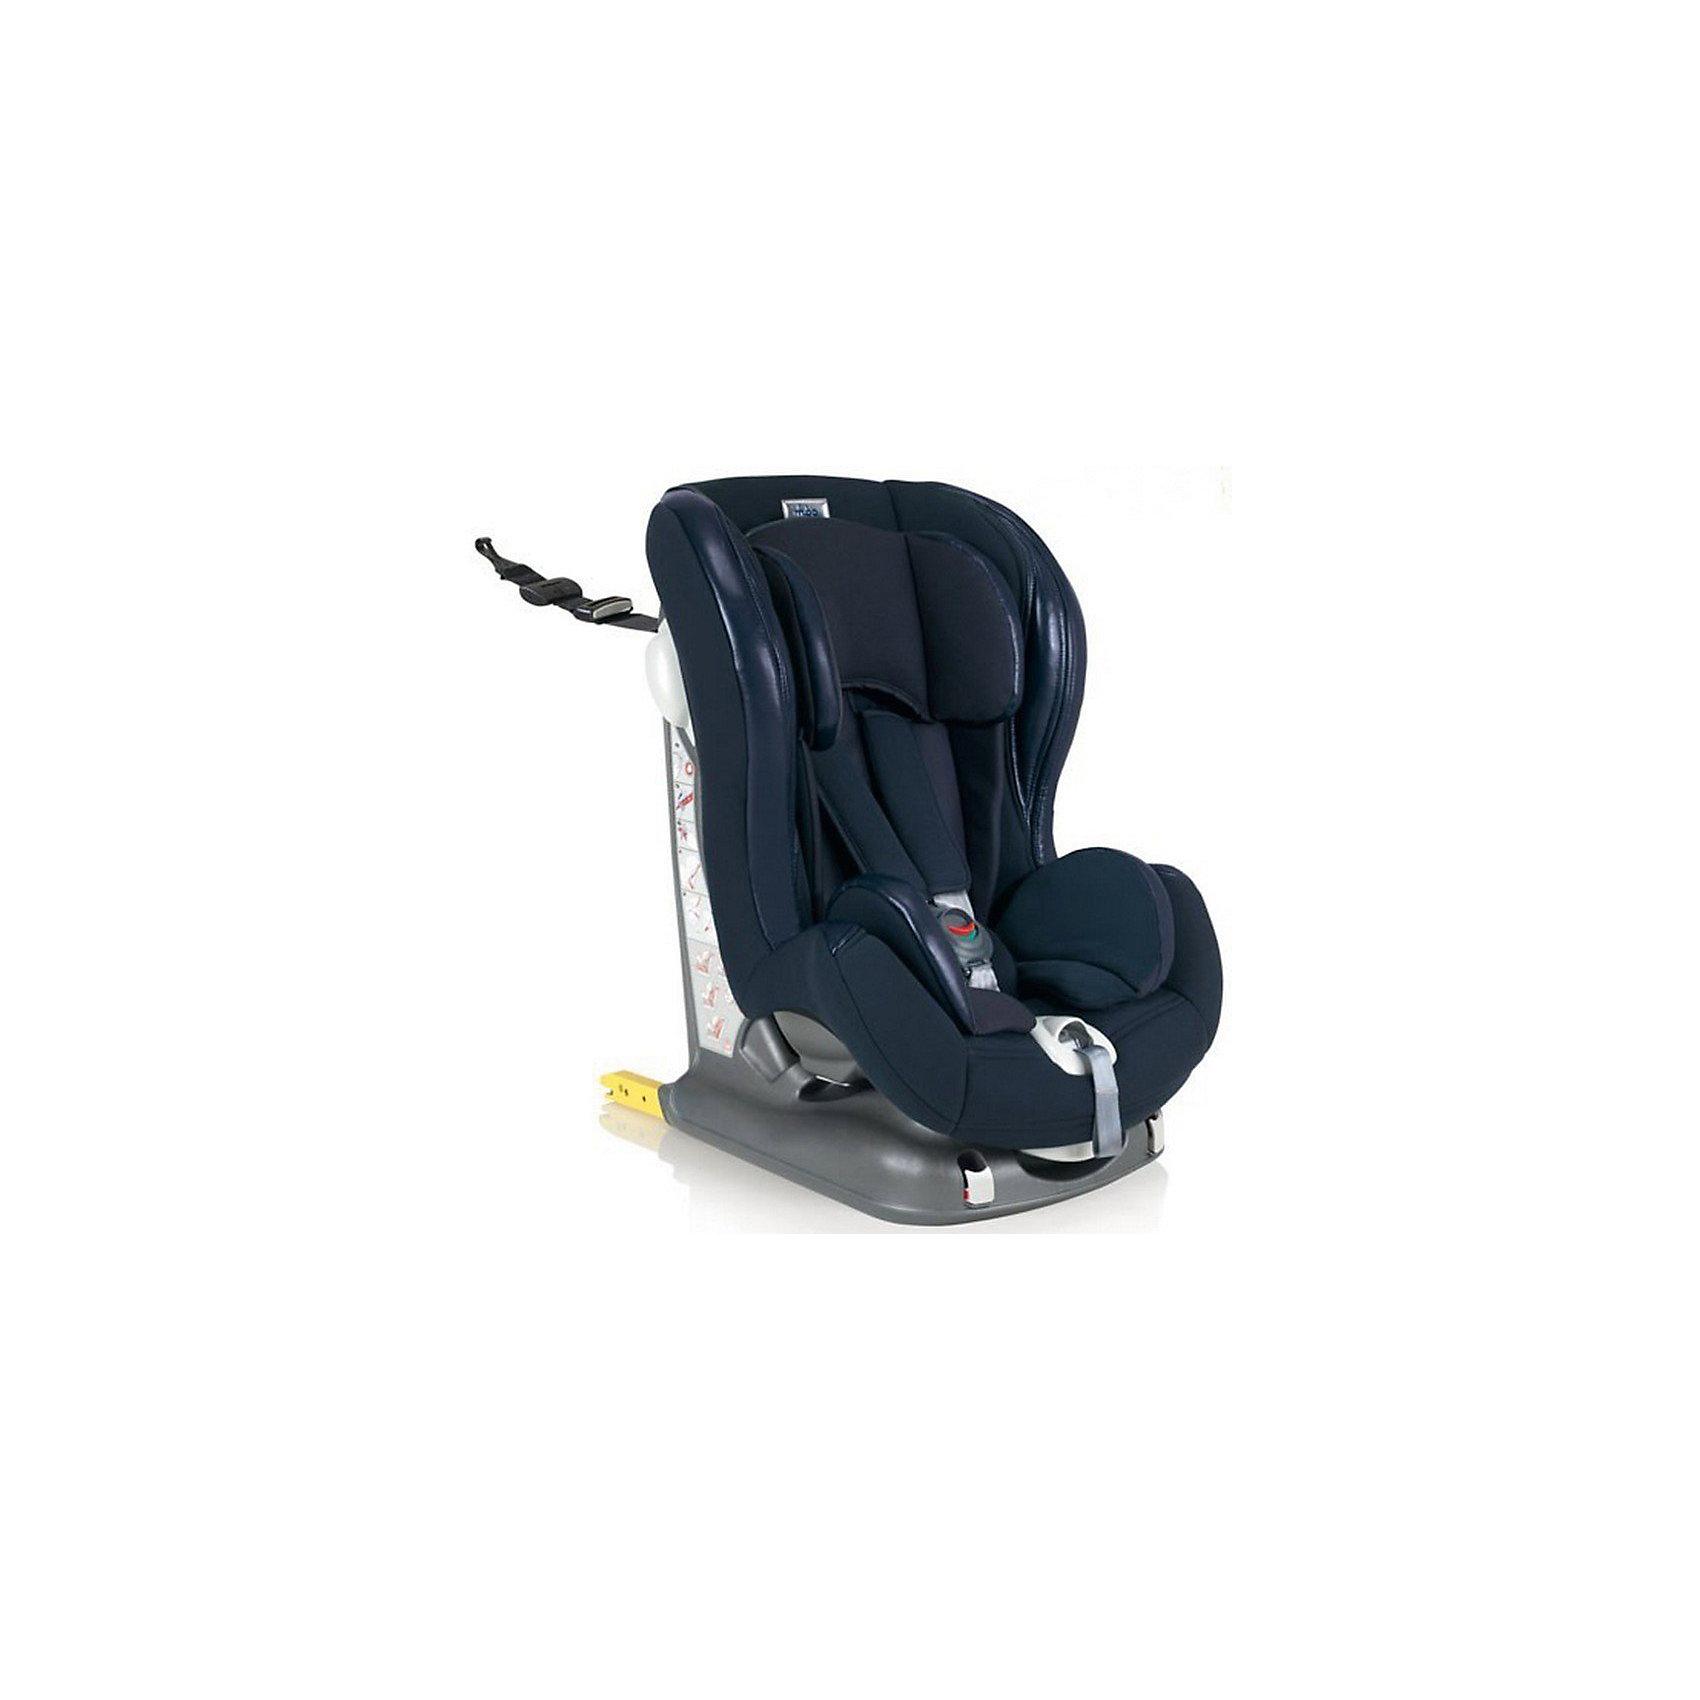 Автокресло Viaggiosicuro Isofix, 9-18кг., CAM, синийАвтокресло Viaggiosicuro Isofix, CAM - комфортная надежная модель, которая сделает поездку Вашего ребенка приятной и безопасной. Сиденье кресла с анатомическим подголовником обеспечивает комфорт во время длительных поездок. Наклон спинки можно регулировать в 5<br>положениях, что позволяет выбрать наиболее удобное для ребенка. Кресло оснащено регулируемыми 5-точечными ремнями безопасности с мягкими плечевыми накладками и ремешком между ножек. Усиленная боковая защита убережёт ребёнка от серьезных травм. <br><br>Автокресло устанавливается лицом вперед, по ходу движения автомобиля с помощью штатных ремней безопасности или с помощью универсальных креплений Isofix (желтые соединительные элементы в задней части кресла) и фиксатора Top tether (расположен в верхней части<br>автокресла). Имеются индикаторы правильной установки кресла. Обивка кресла изготовлена из высококачественных материалов, тканевые гипоаллергенные чехлы снимаются для чистки или стирки при t 30°C. Автокресло имеет стандарт безопасности ECE R 44/04. Рассчитано на детей<br>от 9 мес. до 4 лет, весом 9-18 кг.<br><br><br>Дополнительная информация:<br><br>- Цвет: синий. <br>- Материал: текстиль, пластик, металл.<br>- Возраст: 9 мес. - 4 года (9-18 кг.)<br>- Размер: 44 х 53 х 64 см. <br>- Вес: 10,4 кг.<br><br>Автокресло Viaggiosicuro Isofix, 9-18 кг., CAM, синий, можно купить в нашем интернет-магазине.<br><br>Ширина мм: 385<br>Глубина мм: 345<br>Высота мм: 415<br>Вес г: 11760<br>Возраст от месяцев: 9<br>Возраст до месяцев: 36<br>Пол: Унисекс<br>Возраст: Детский<br>SKU: 4761362